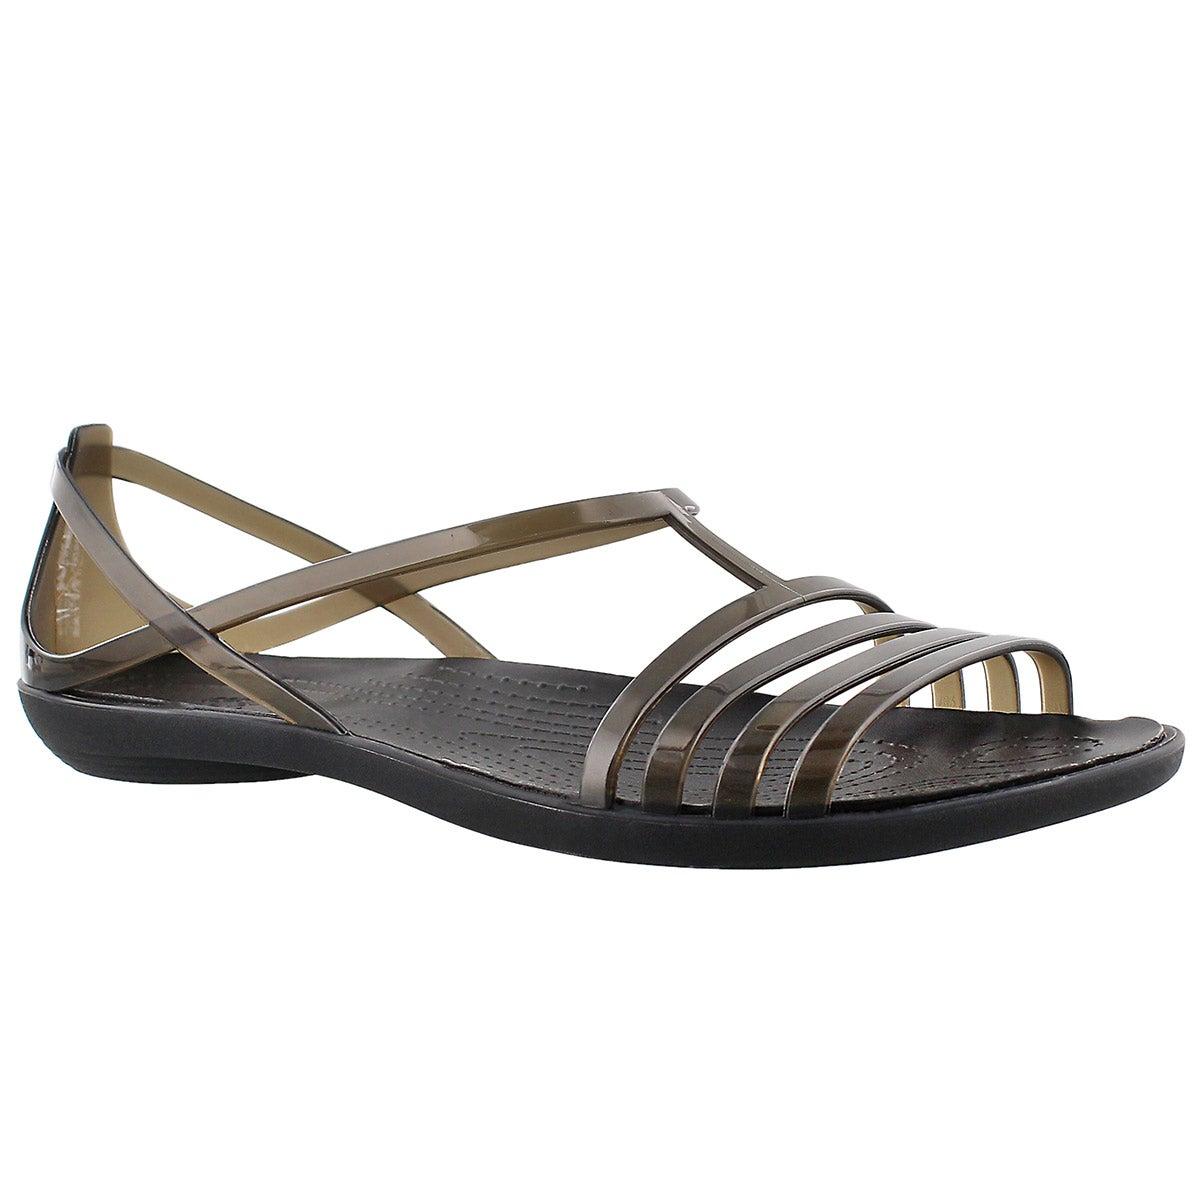 Women's ISABELLA black sandals